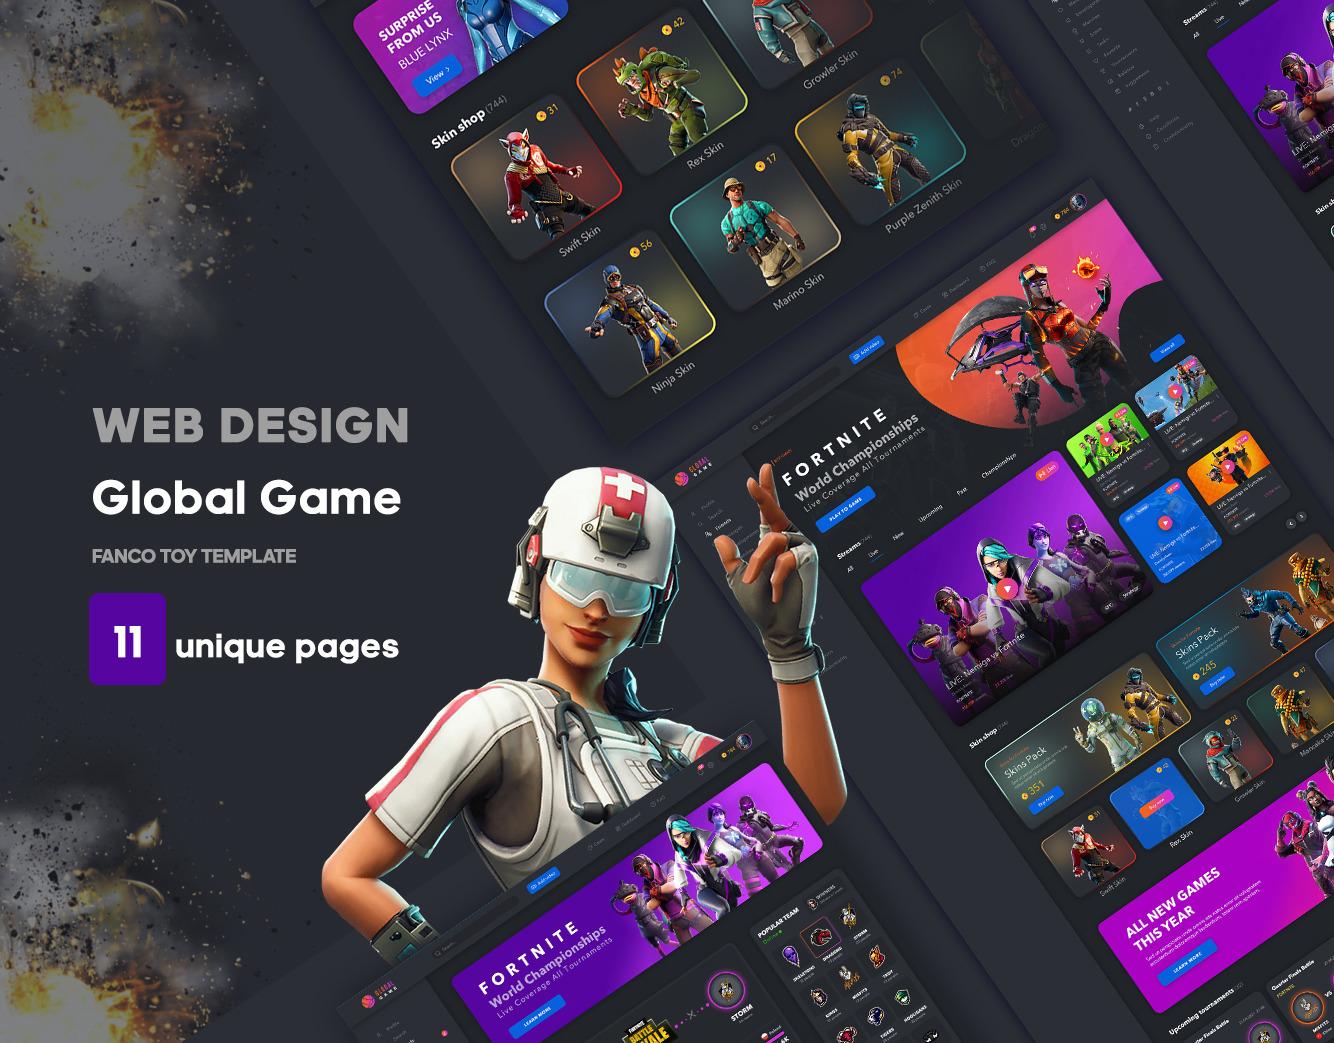 游戏网站行业全局UI套件 Game Global UI kit (3962)插图